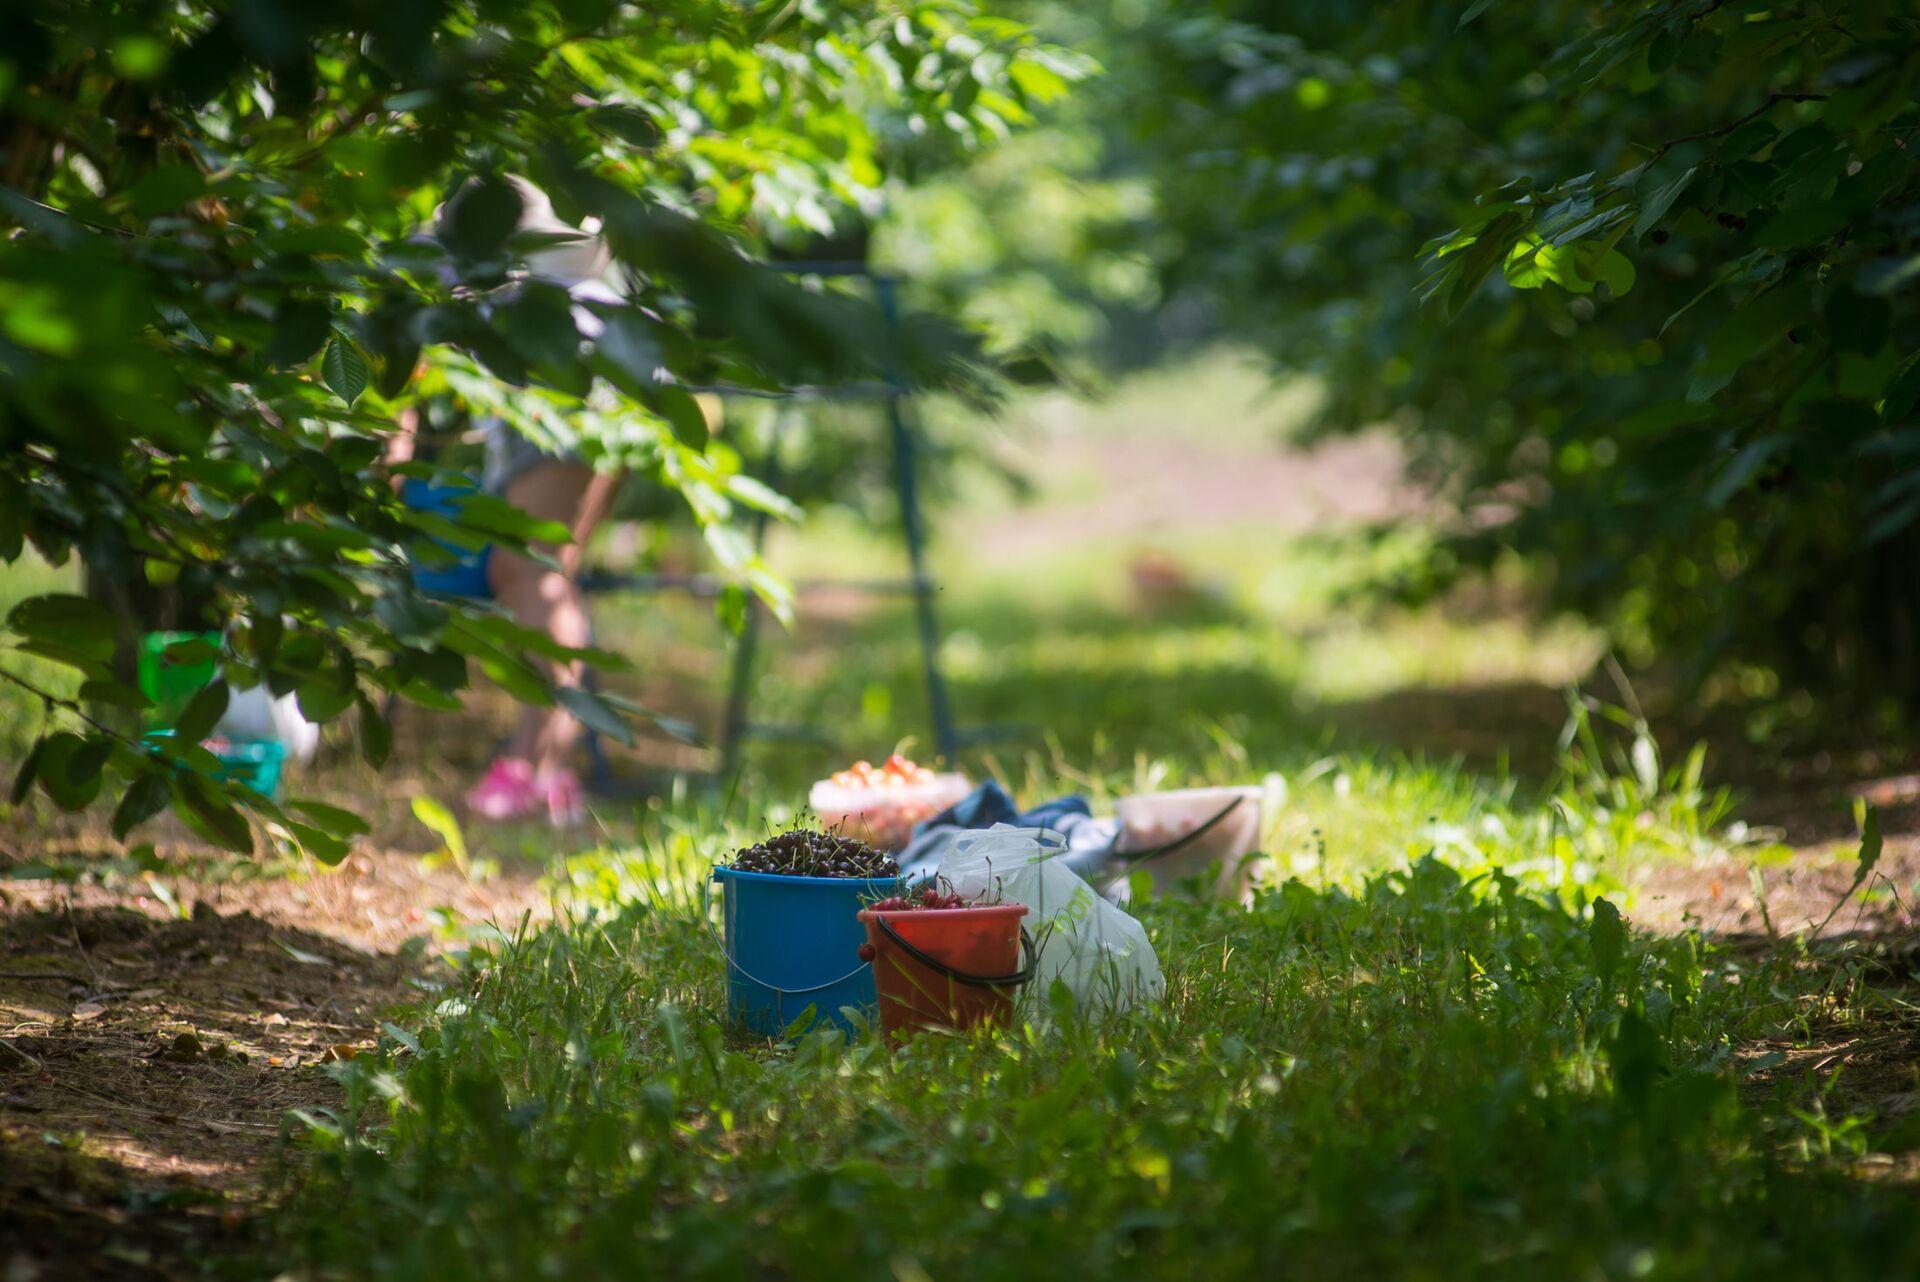 Минчане с удовольствием приезжают на самосбор черешни и вишни в сады Института плодоводства - Sputnik Беларусь, 1920, 29.06.2021